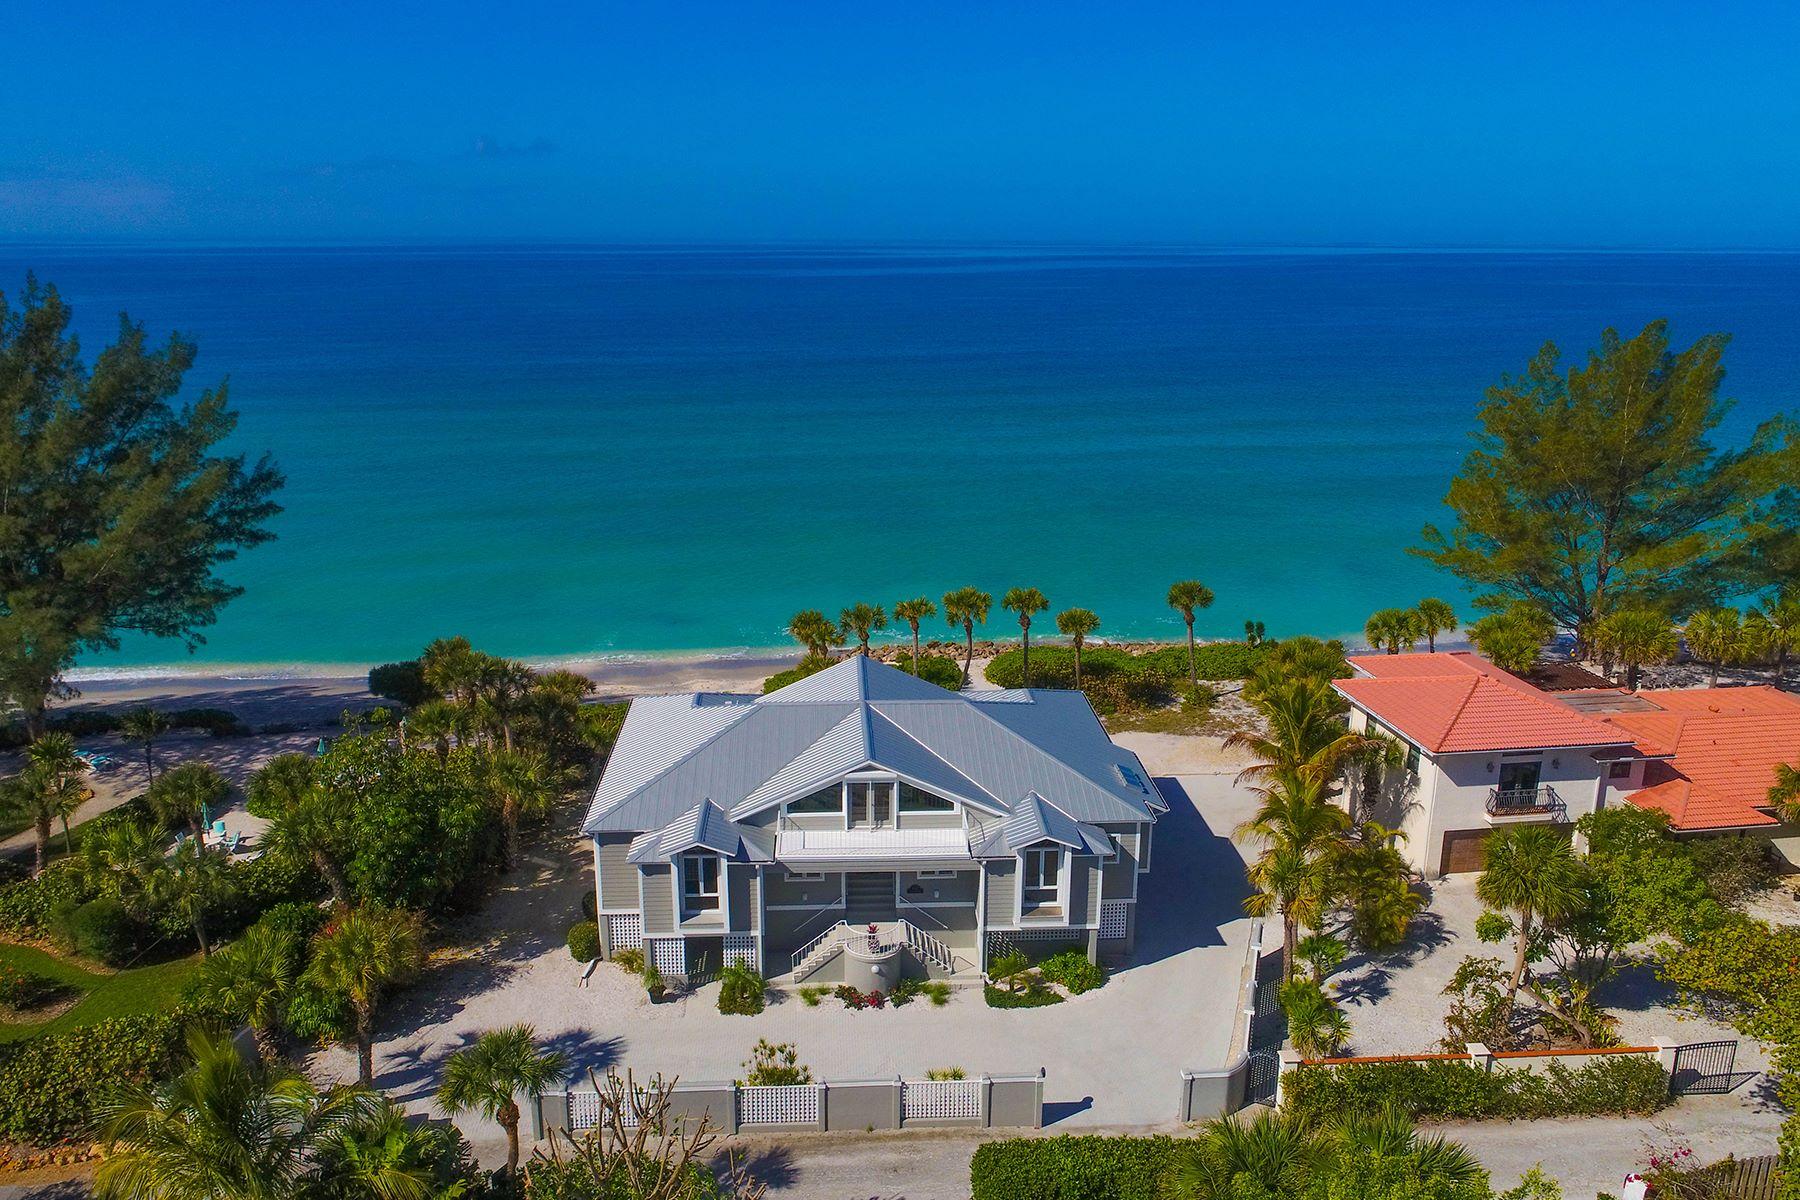 Maison unifamiliale pour l Vente à CASEY KEY 1027 N Casey Key Rd Osprey, Florida, 34229 États-Unis